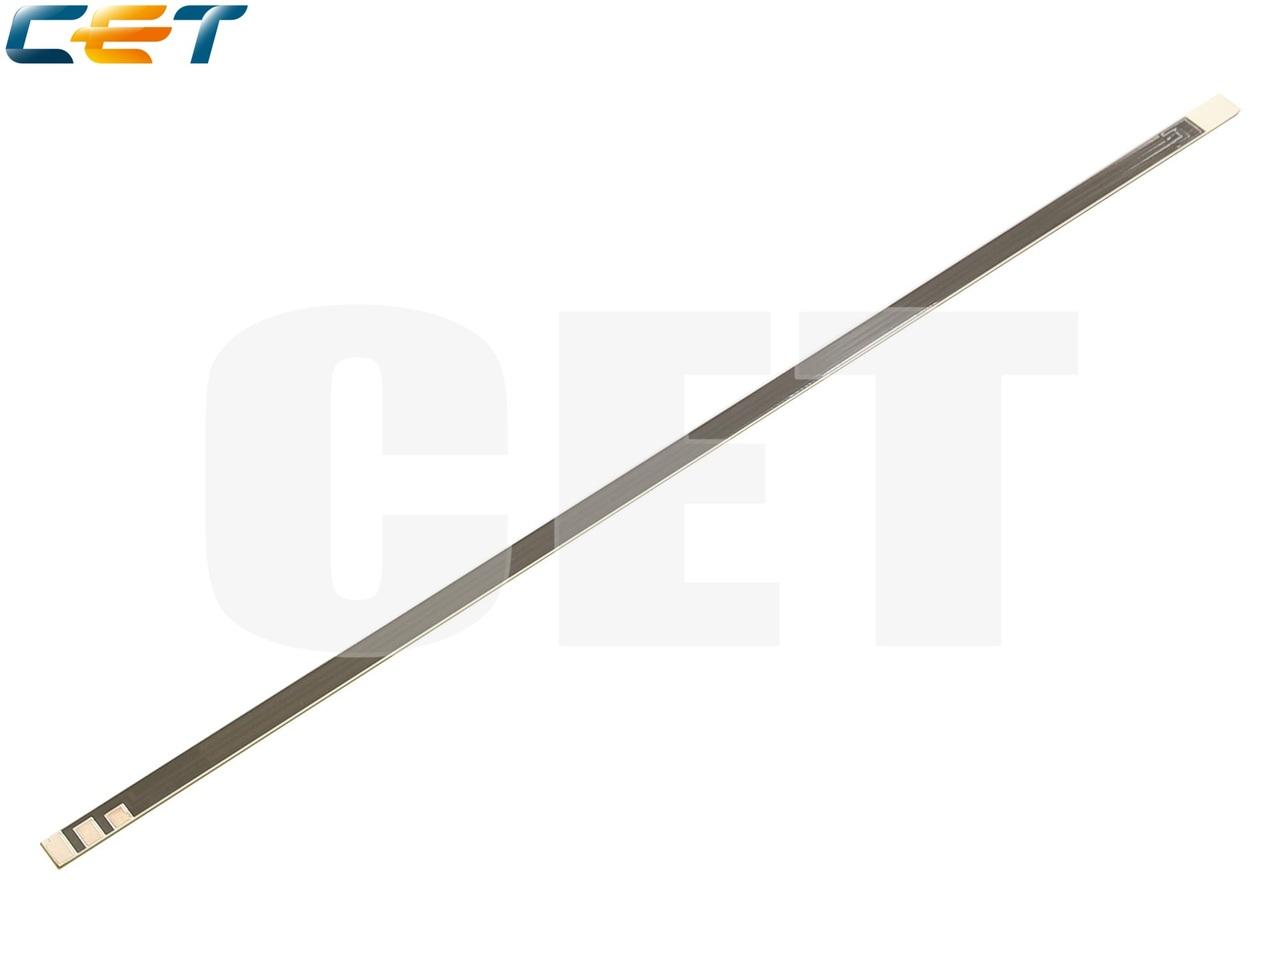 Нагревательный элемент для CANON iR ADVANCEC3325i/3330i/3320 (CET), CET5272